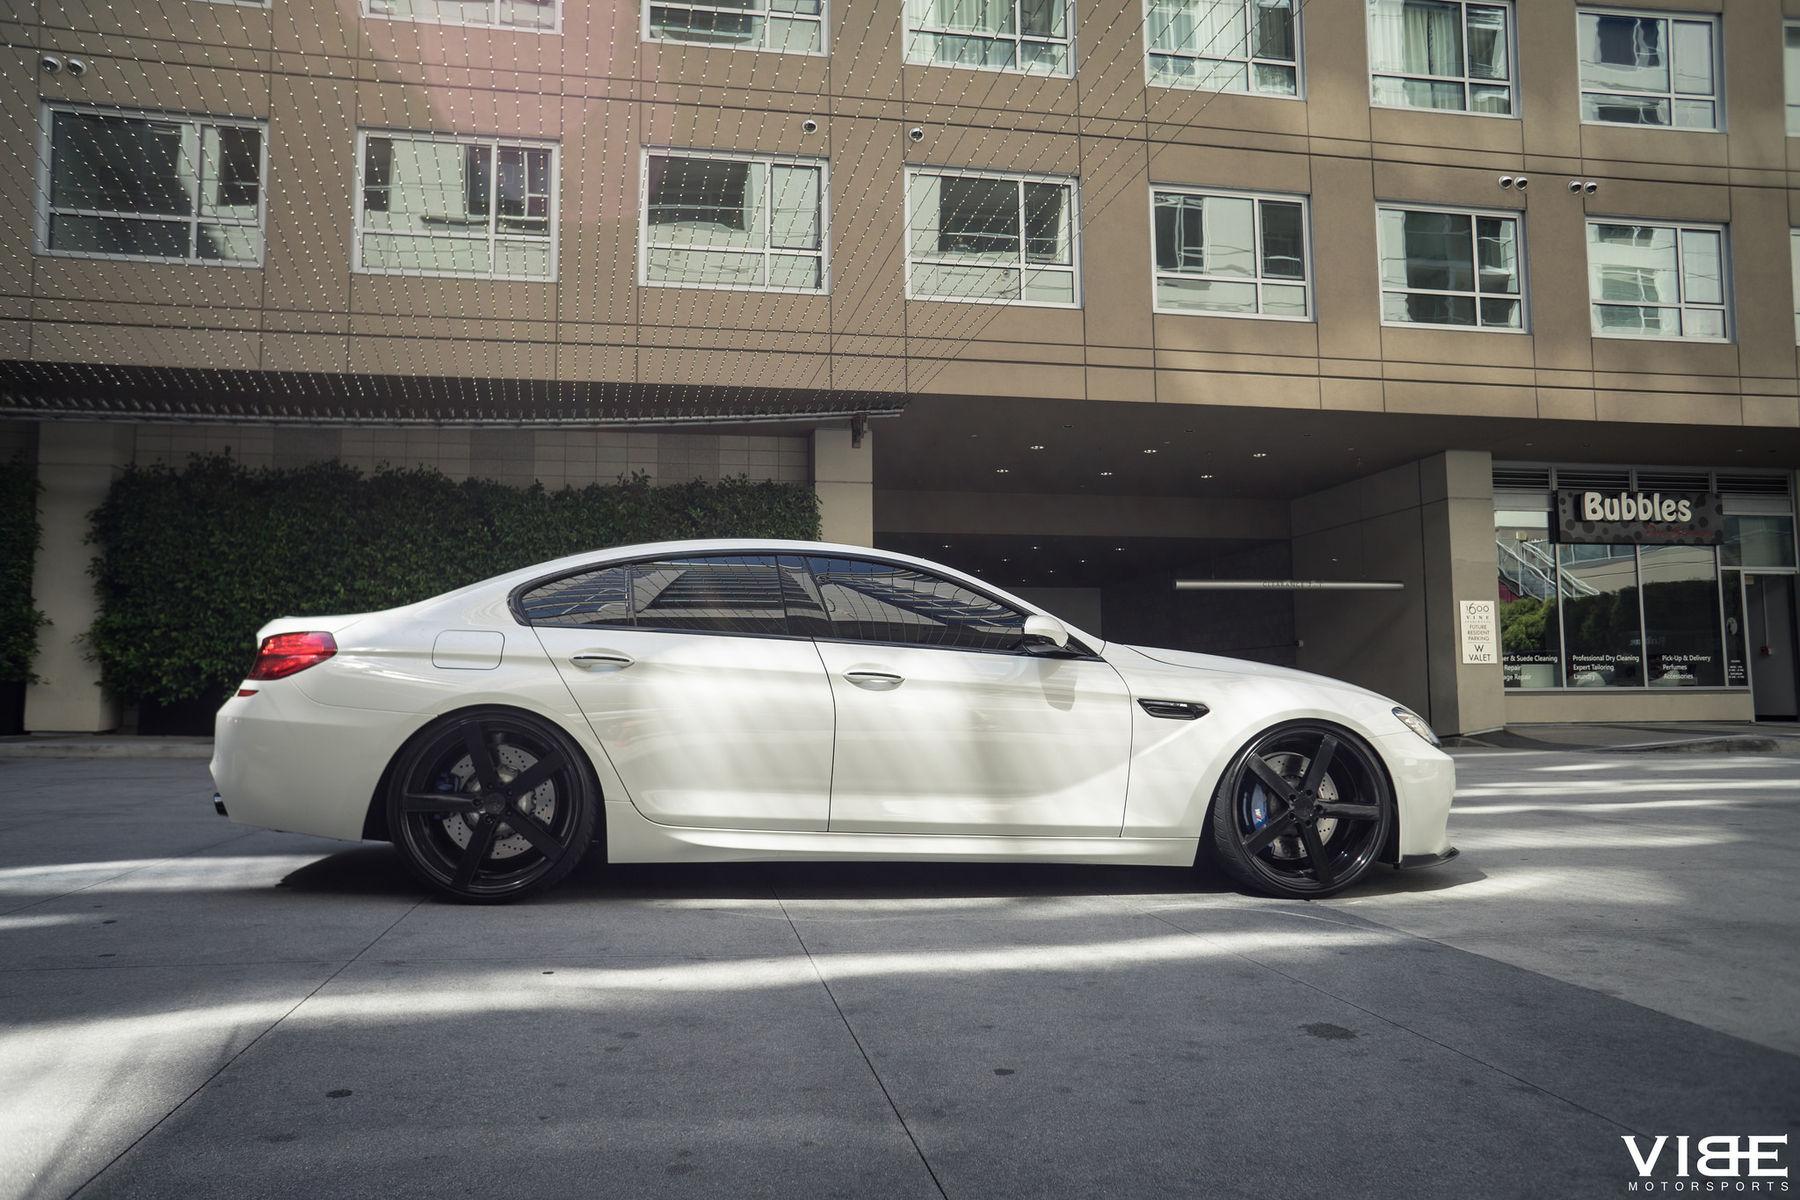 BMW M6 | BMW M6 on 20